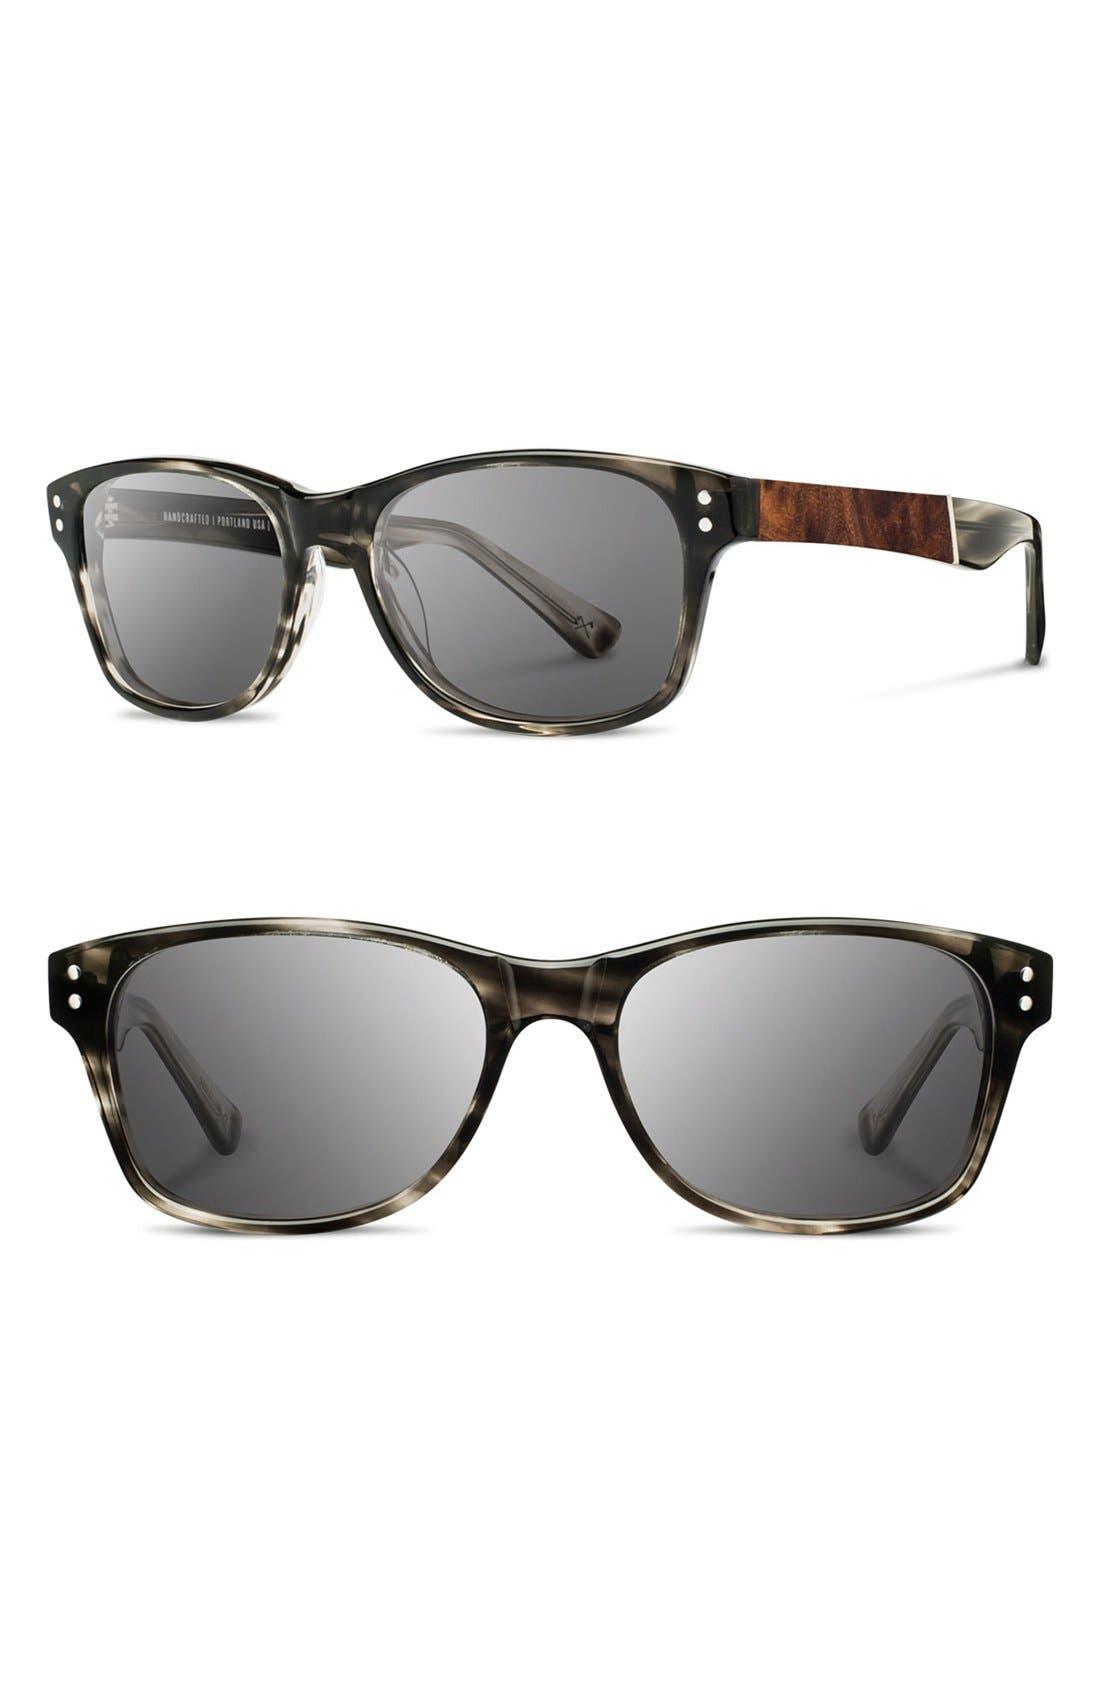 Alternate Image 1 Selected - Shwood'Cannon' 54mm Polarized Acetate & Wood Sunglasses